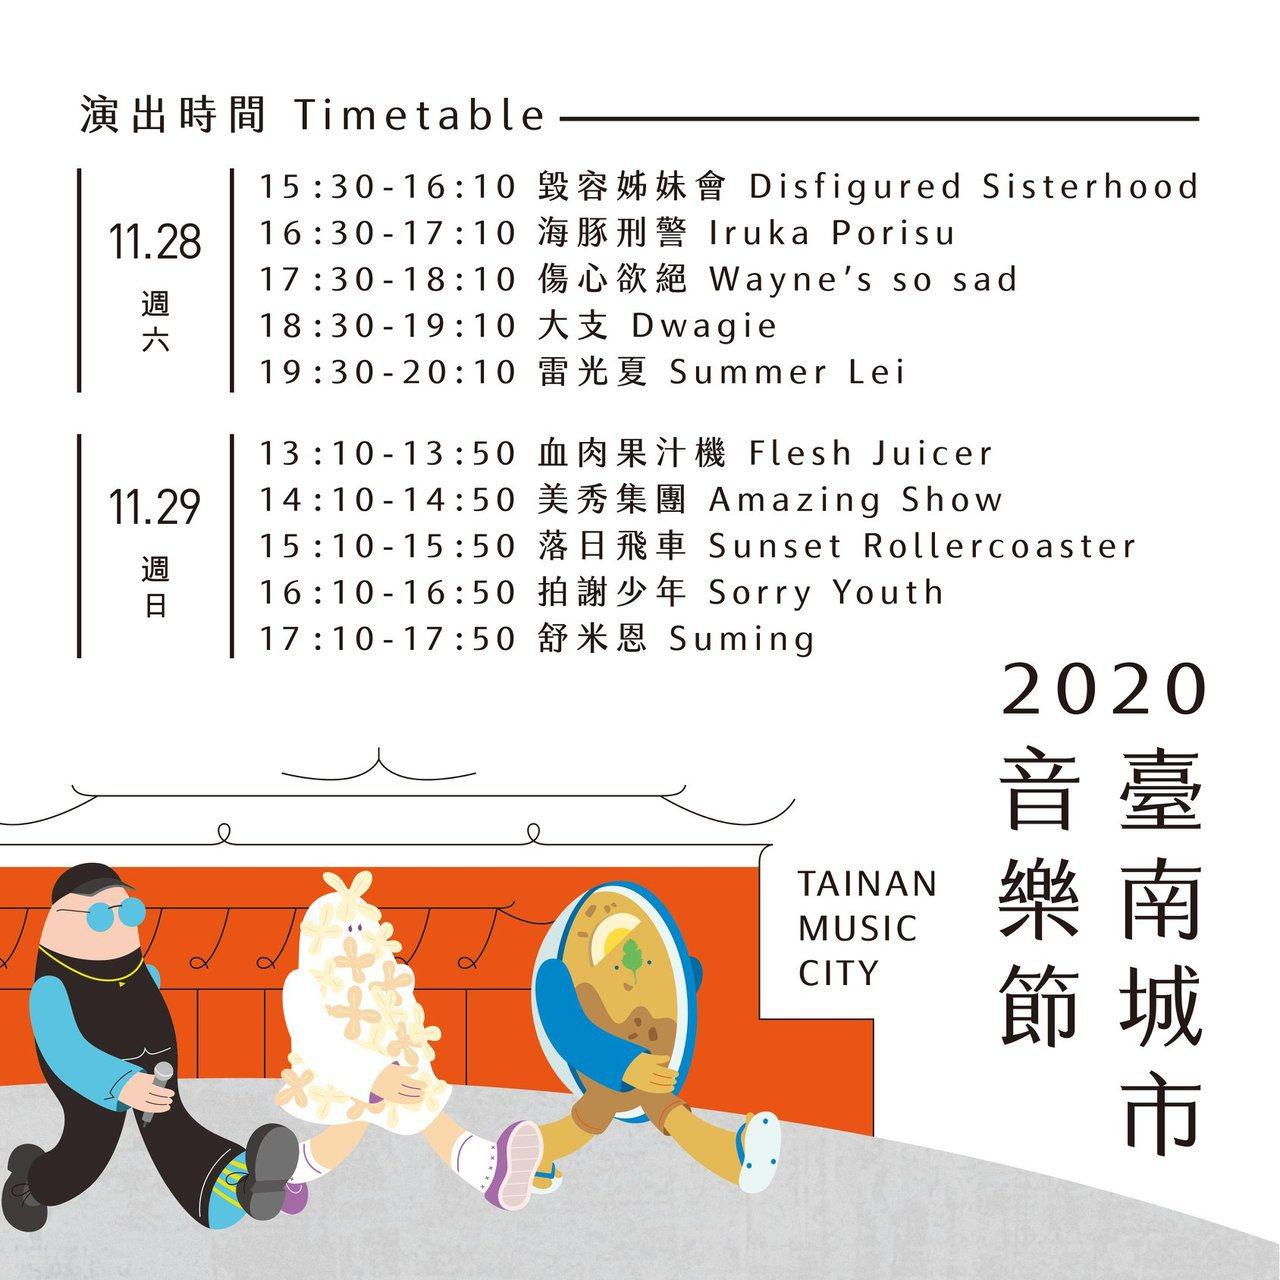 2020台南城市音樂節 圖/摘自台南城市音樂節粉絲專頁